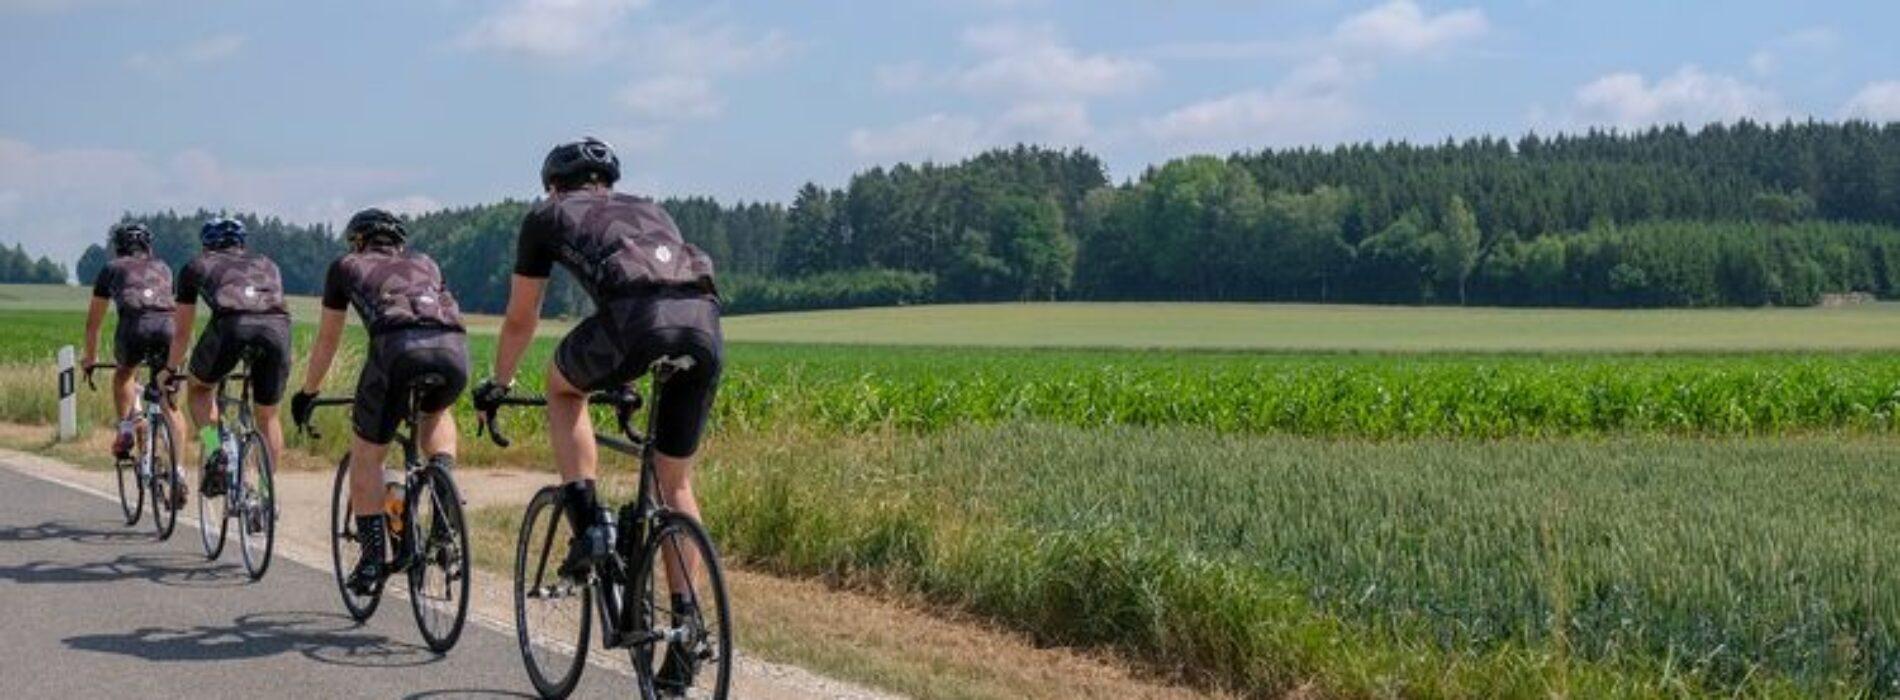 Rajd rowerowy Bydgoszcz-Nakło